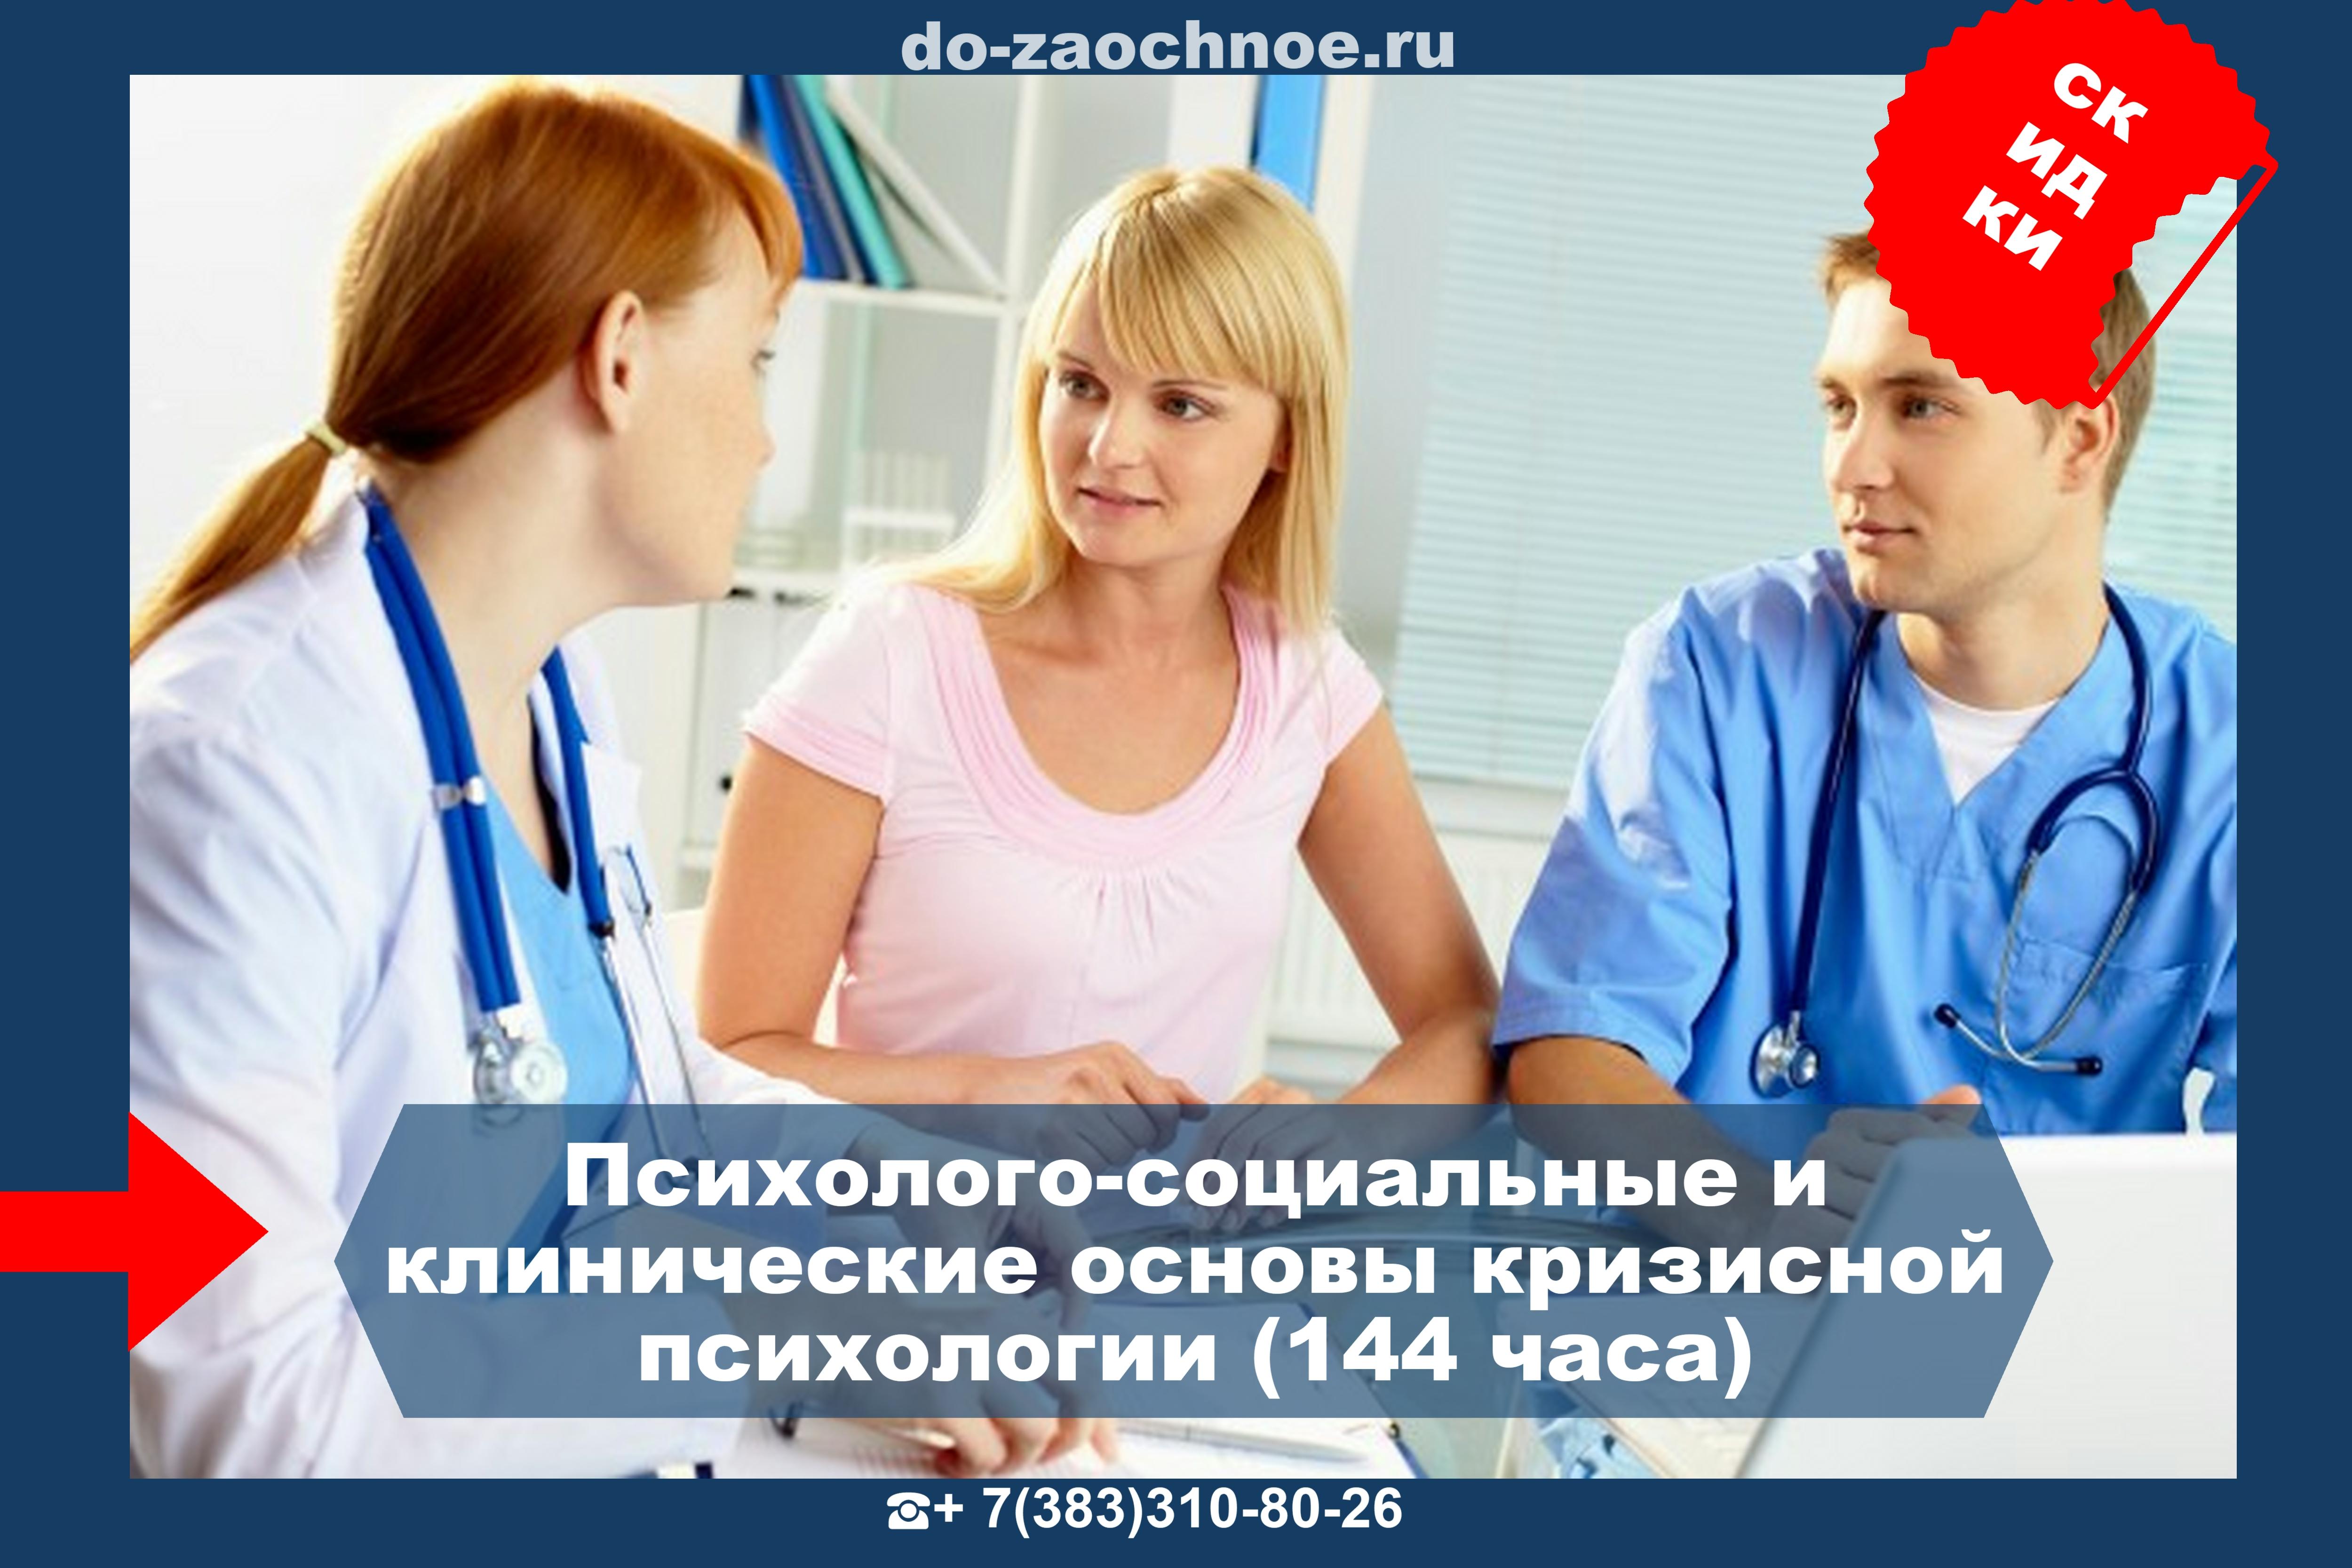 Психолого-социальные и клинические основы кризисной психологии (144 часа)